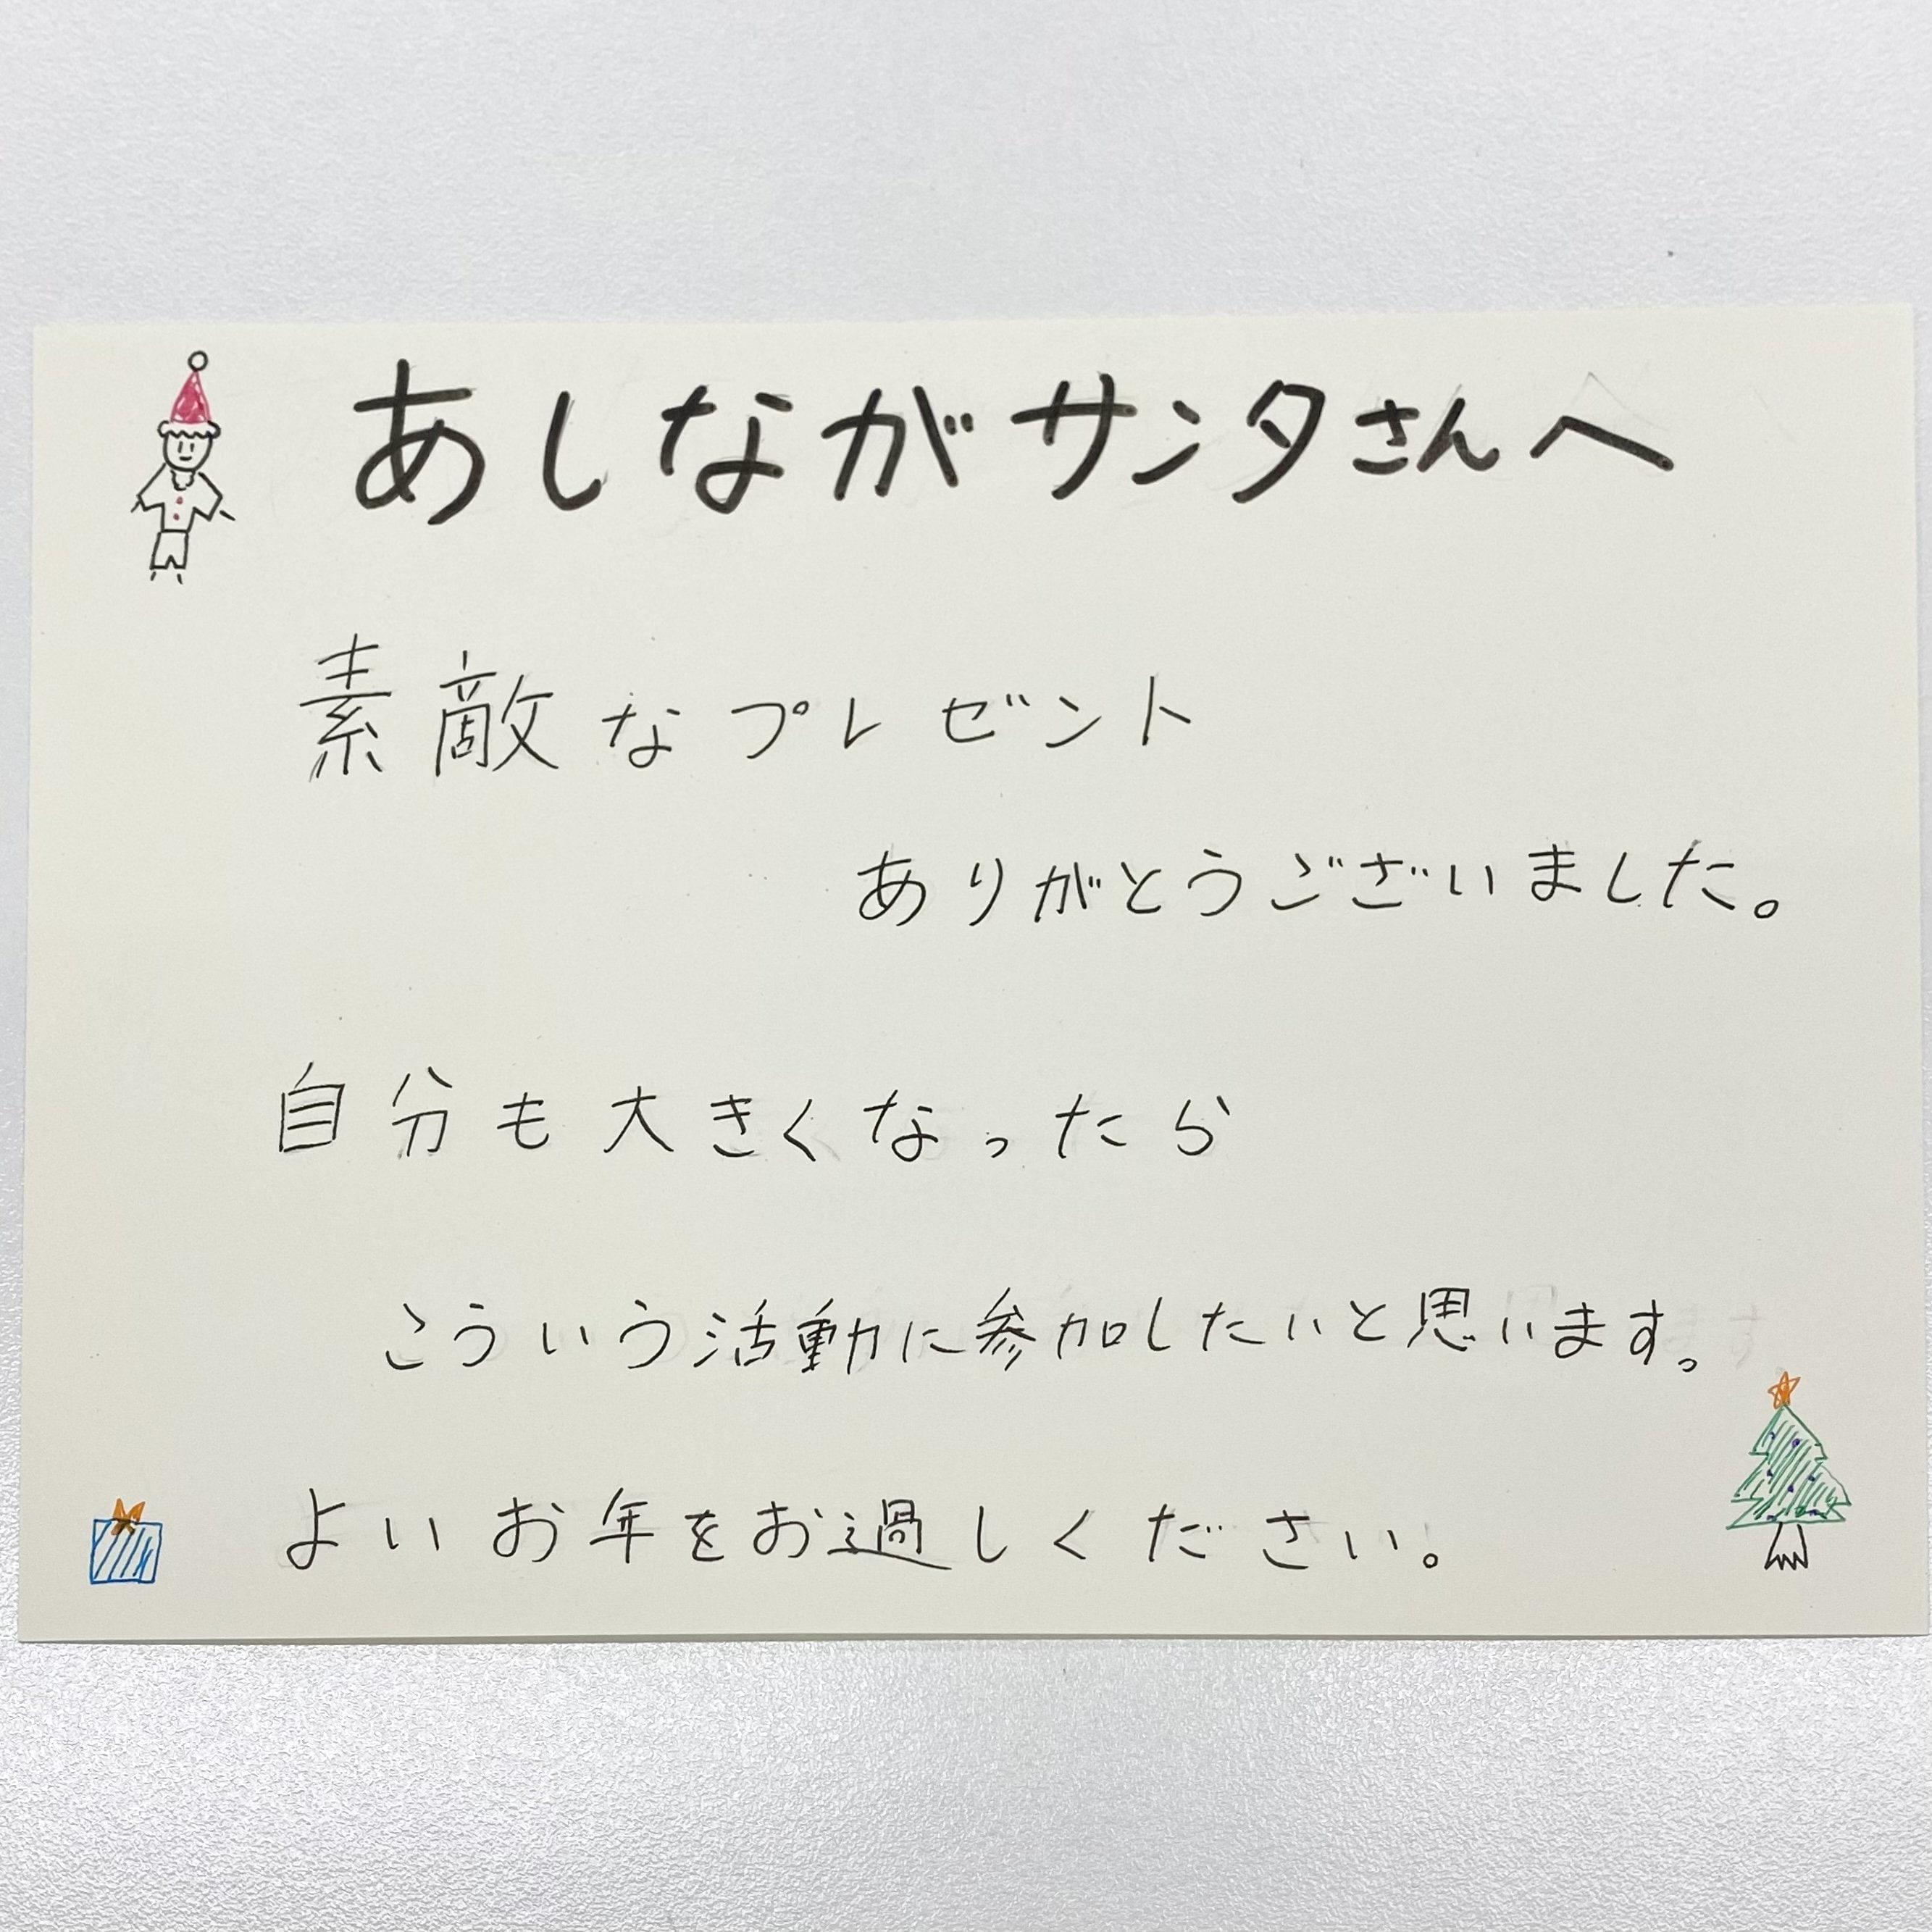 【あしながサンタ】株式会社ロードカー【クリスマス】